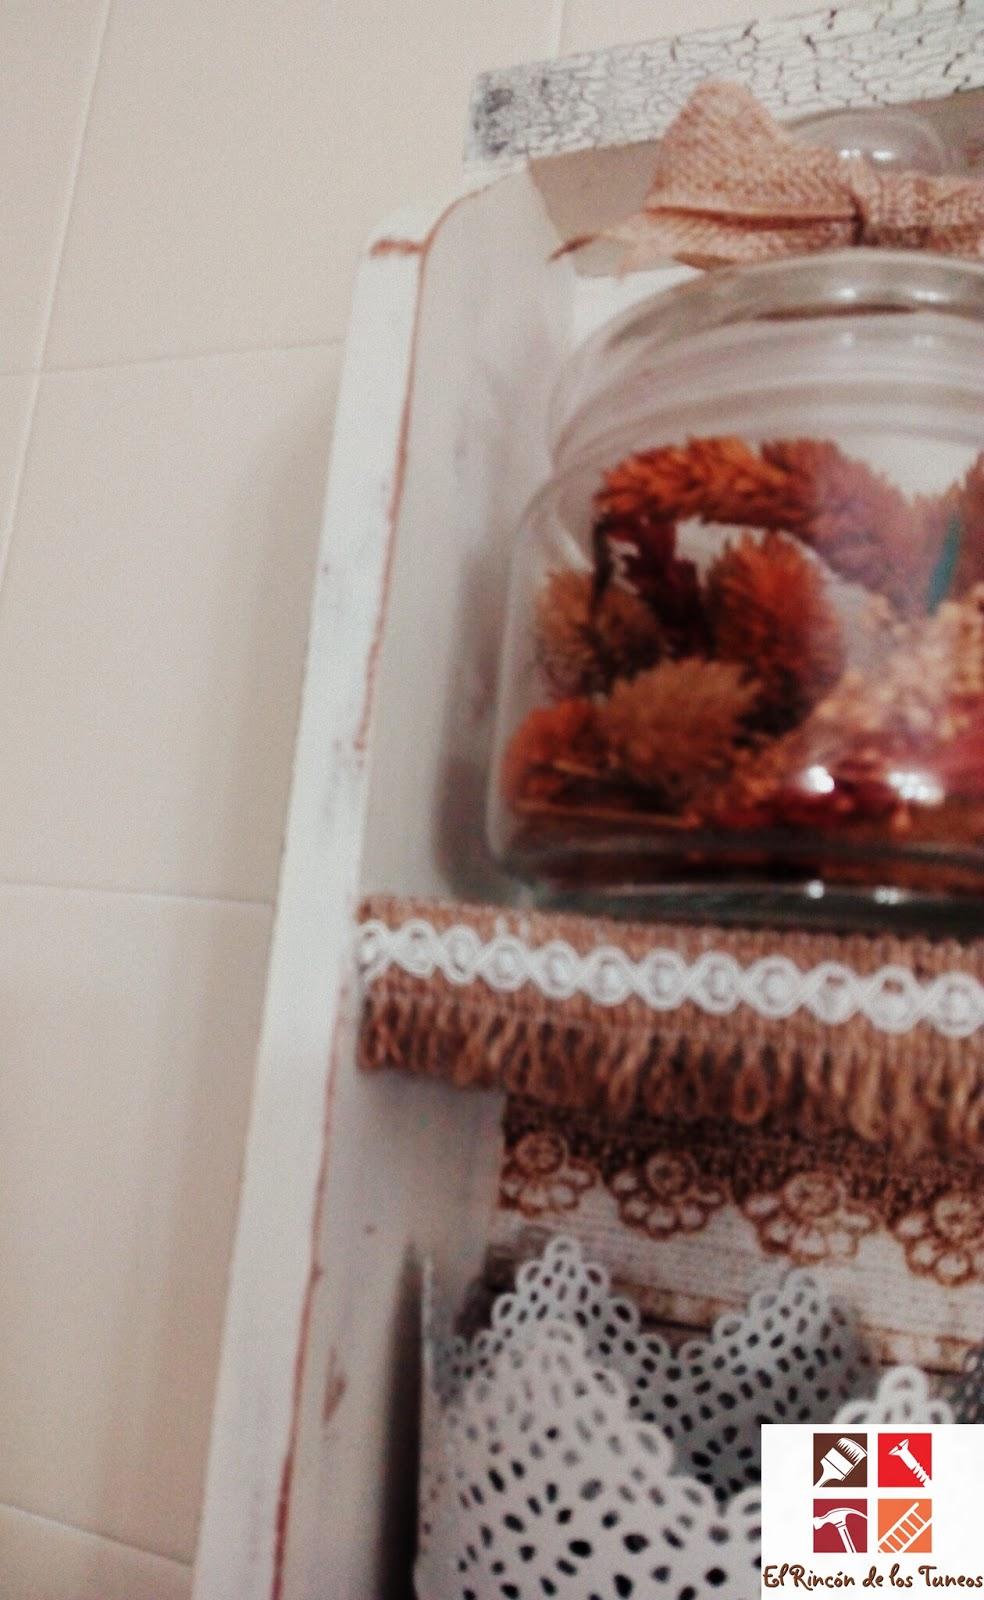 El Rincón de los Tuneos ¿te puedo ayudar?: Reciclar un cajón